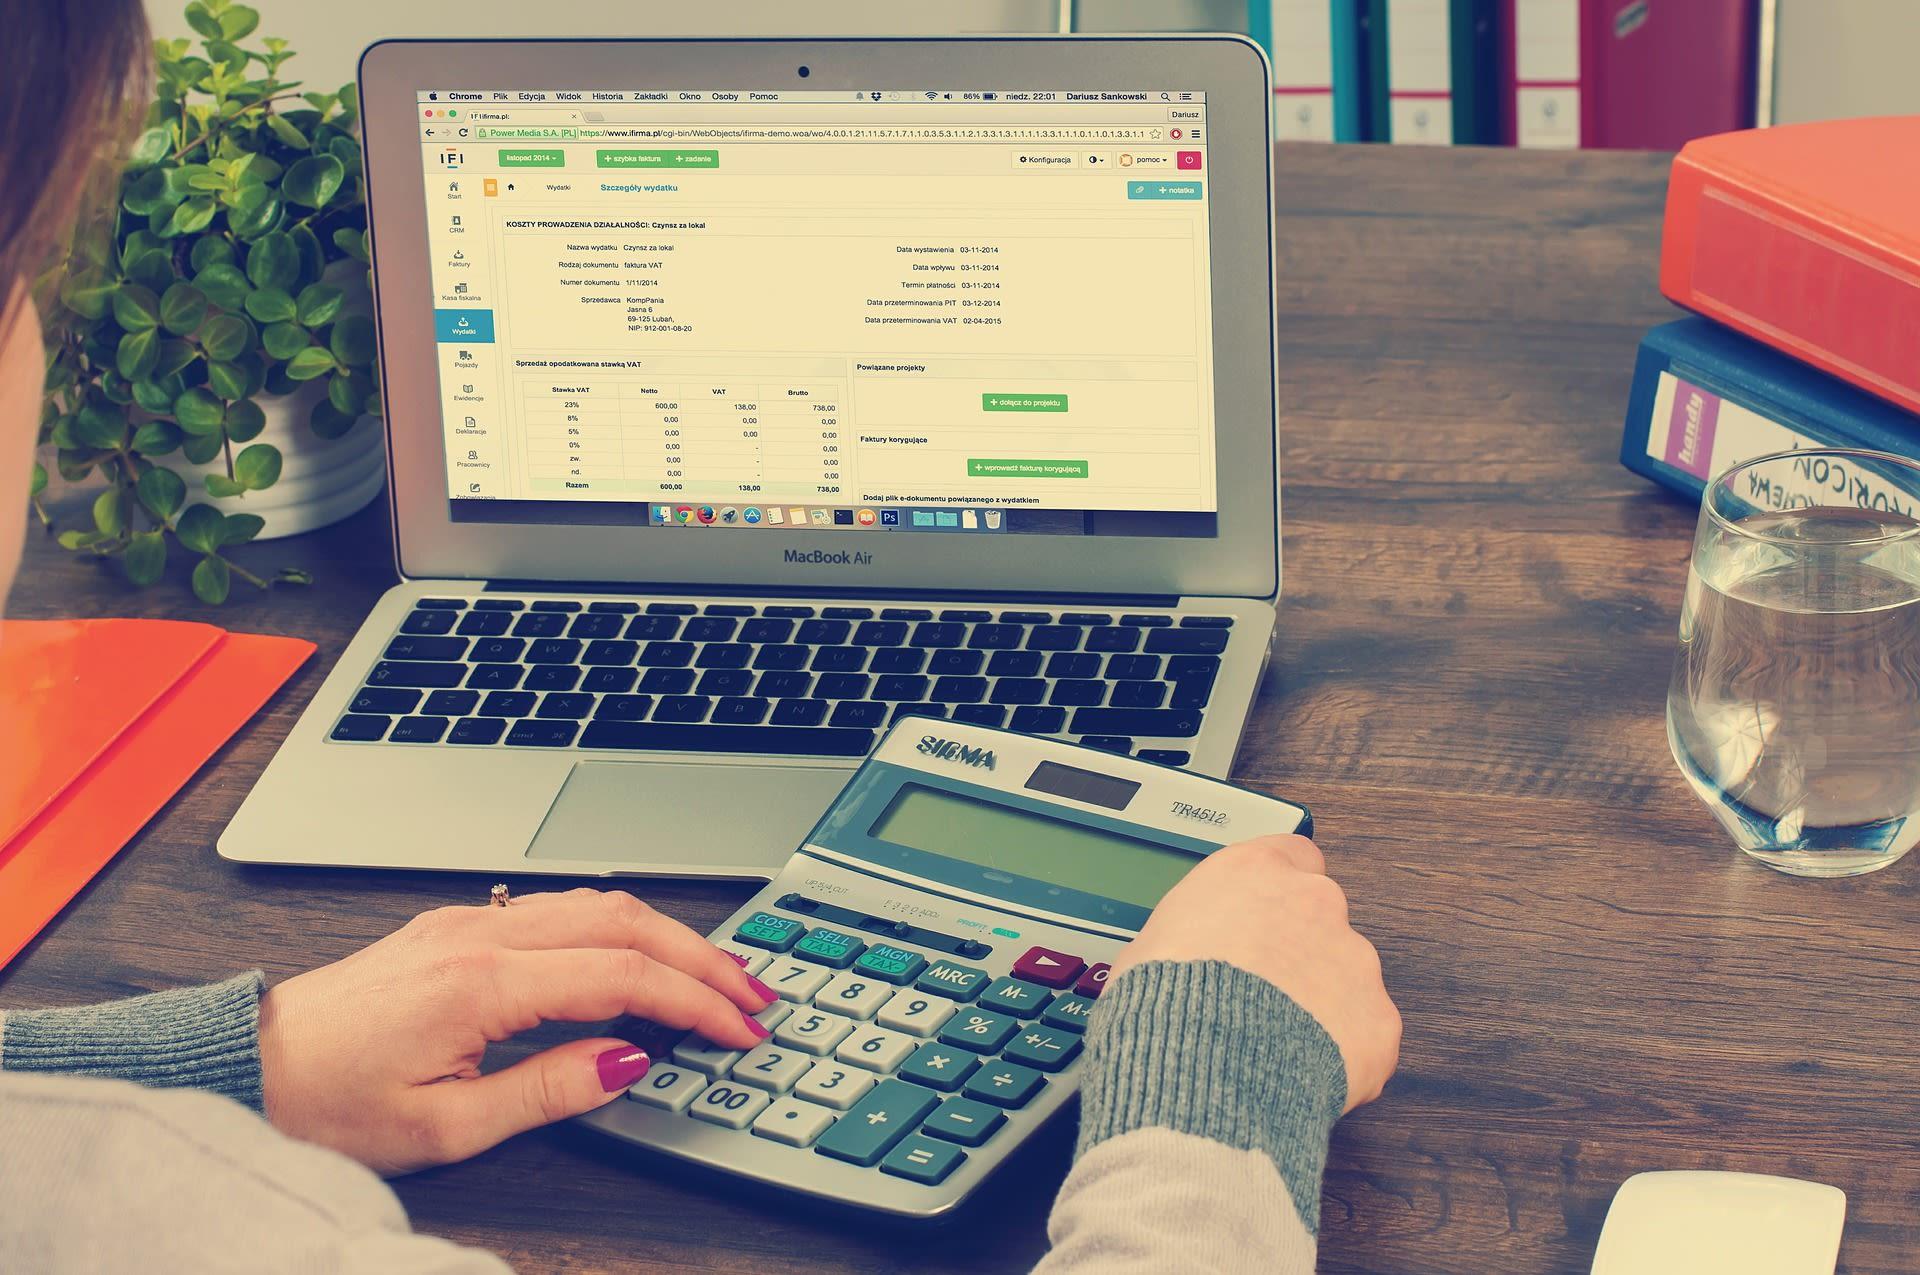 Comment calculer le coût total d'un prêt immobilier?